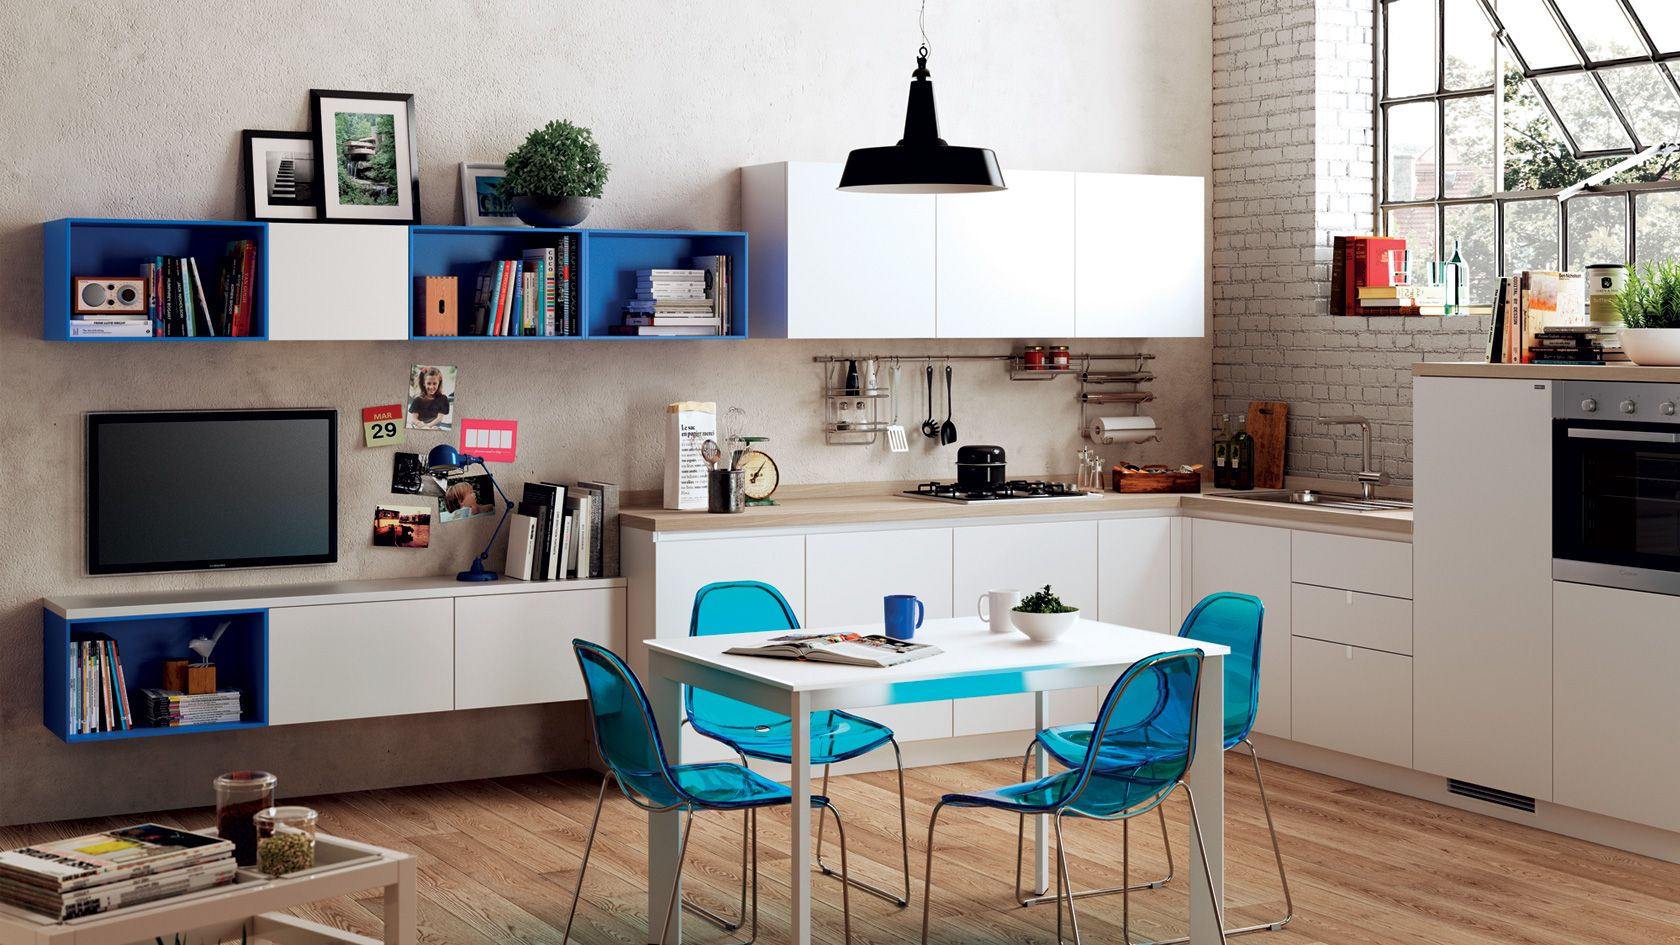 Cucina componibile Urban | Sito ufficiale Scavolini | Arredi ...